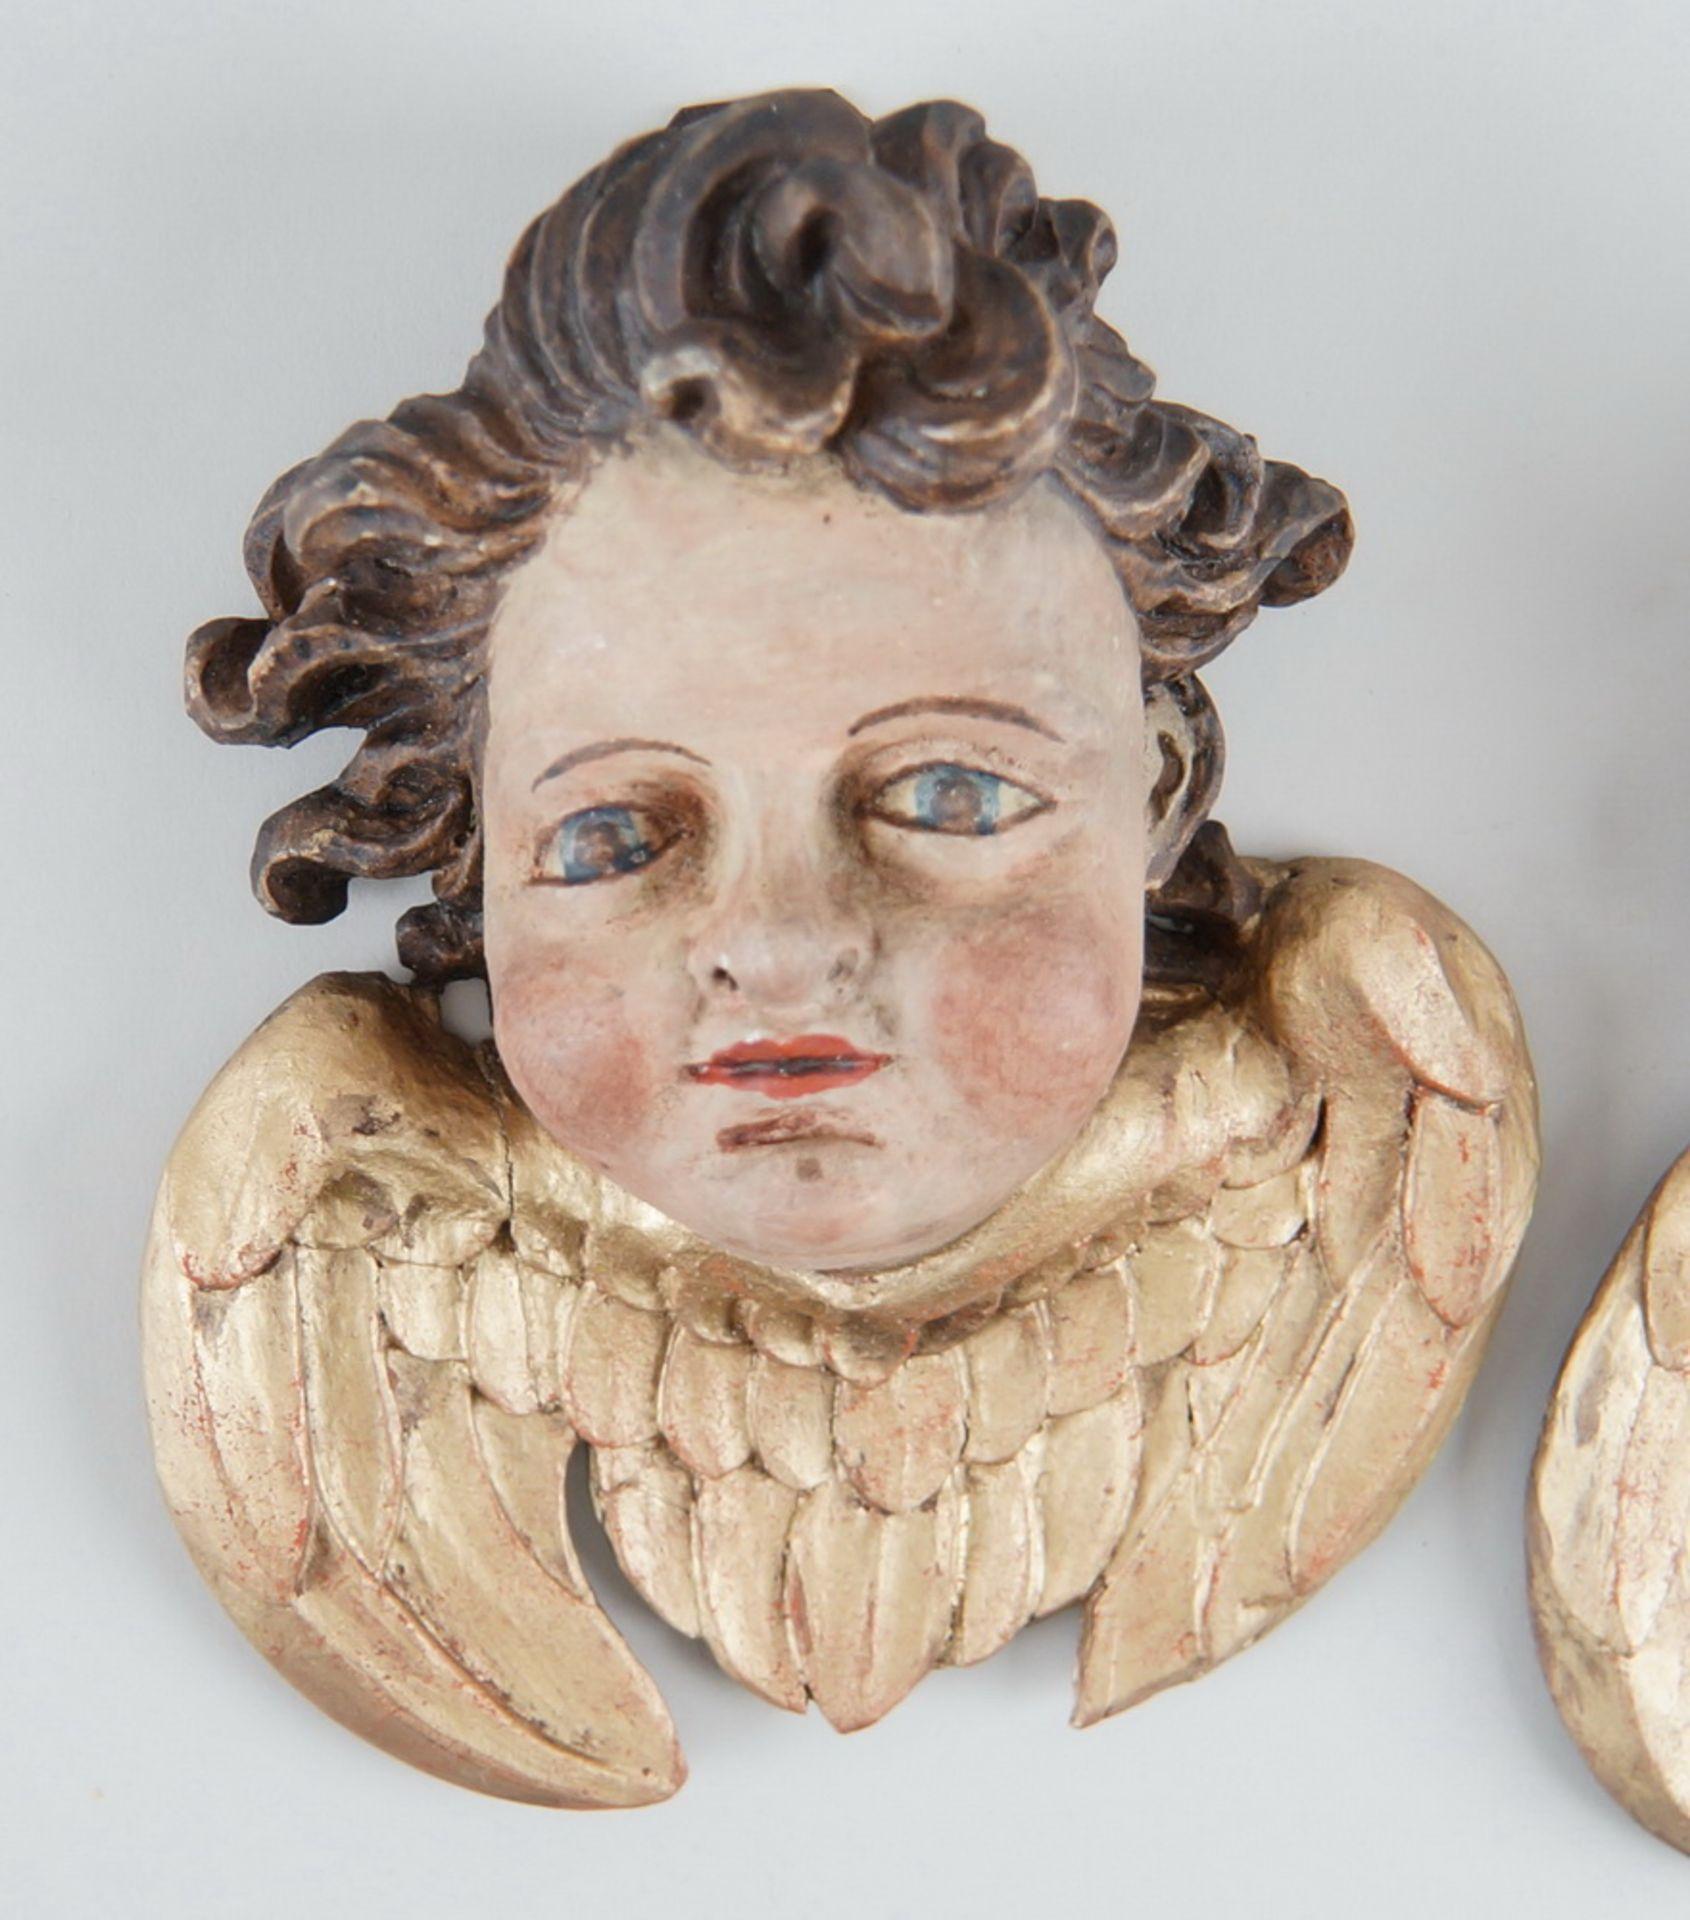 Paar Engelsköpfe mit Flügel, Holz geschnitzt und gefasst, 18. JH, rest., H ca. 20 cm - Bild 3 aus 5